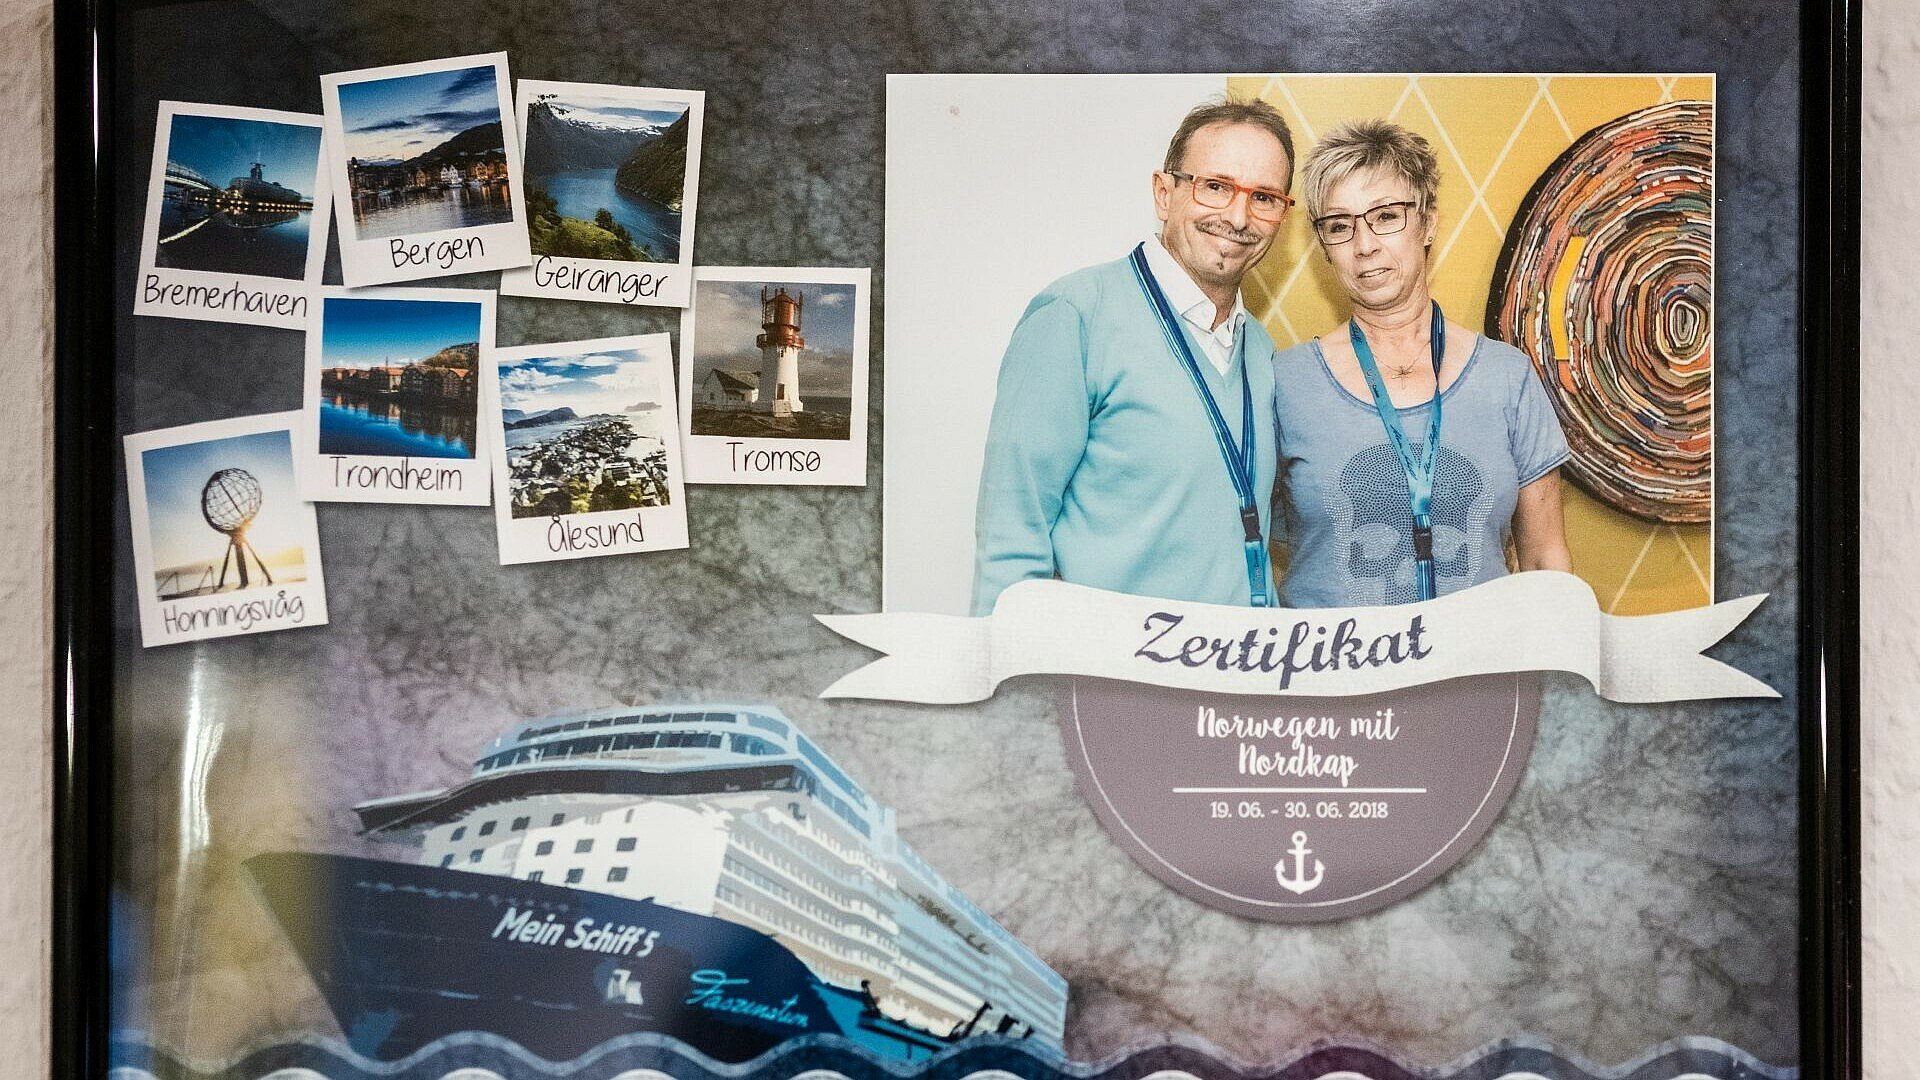 Urlaubsbilder von Norbert und Petra Blum